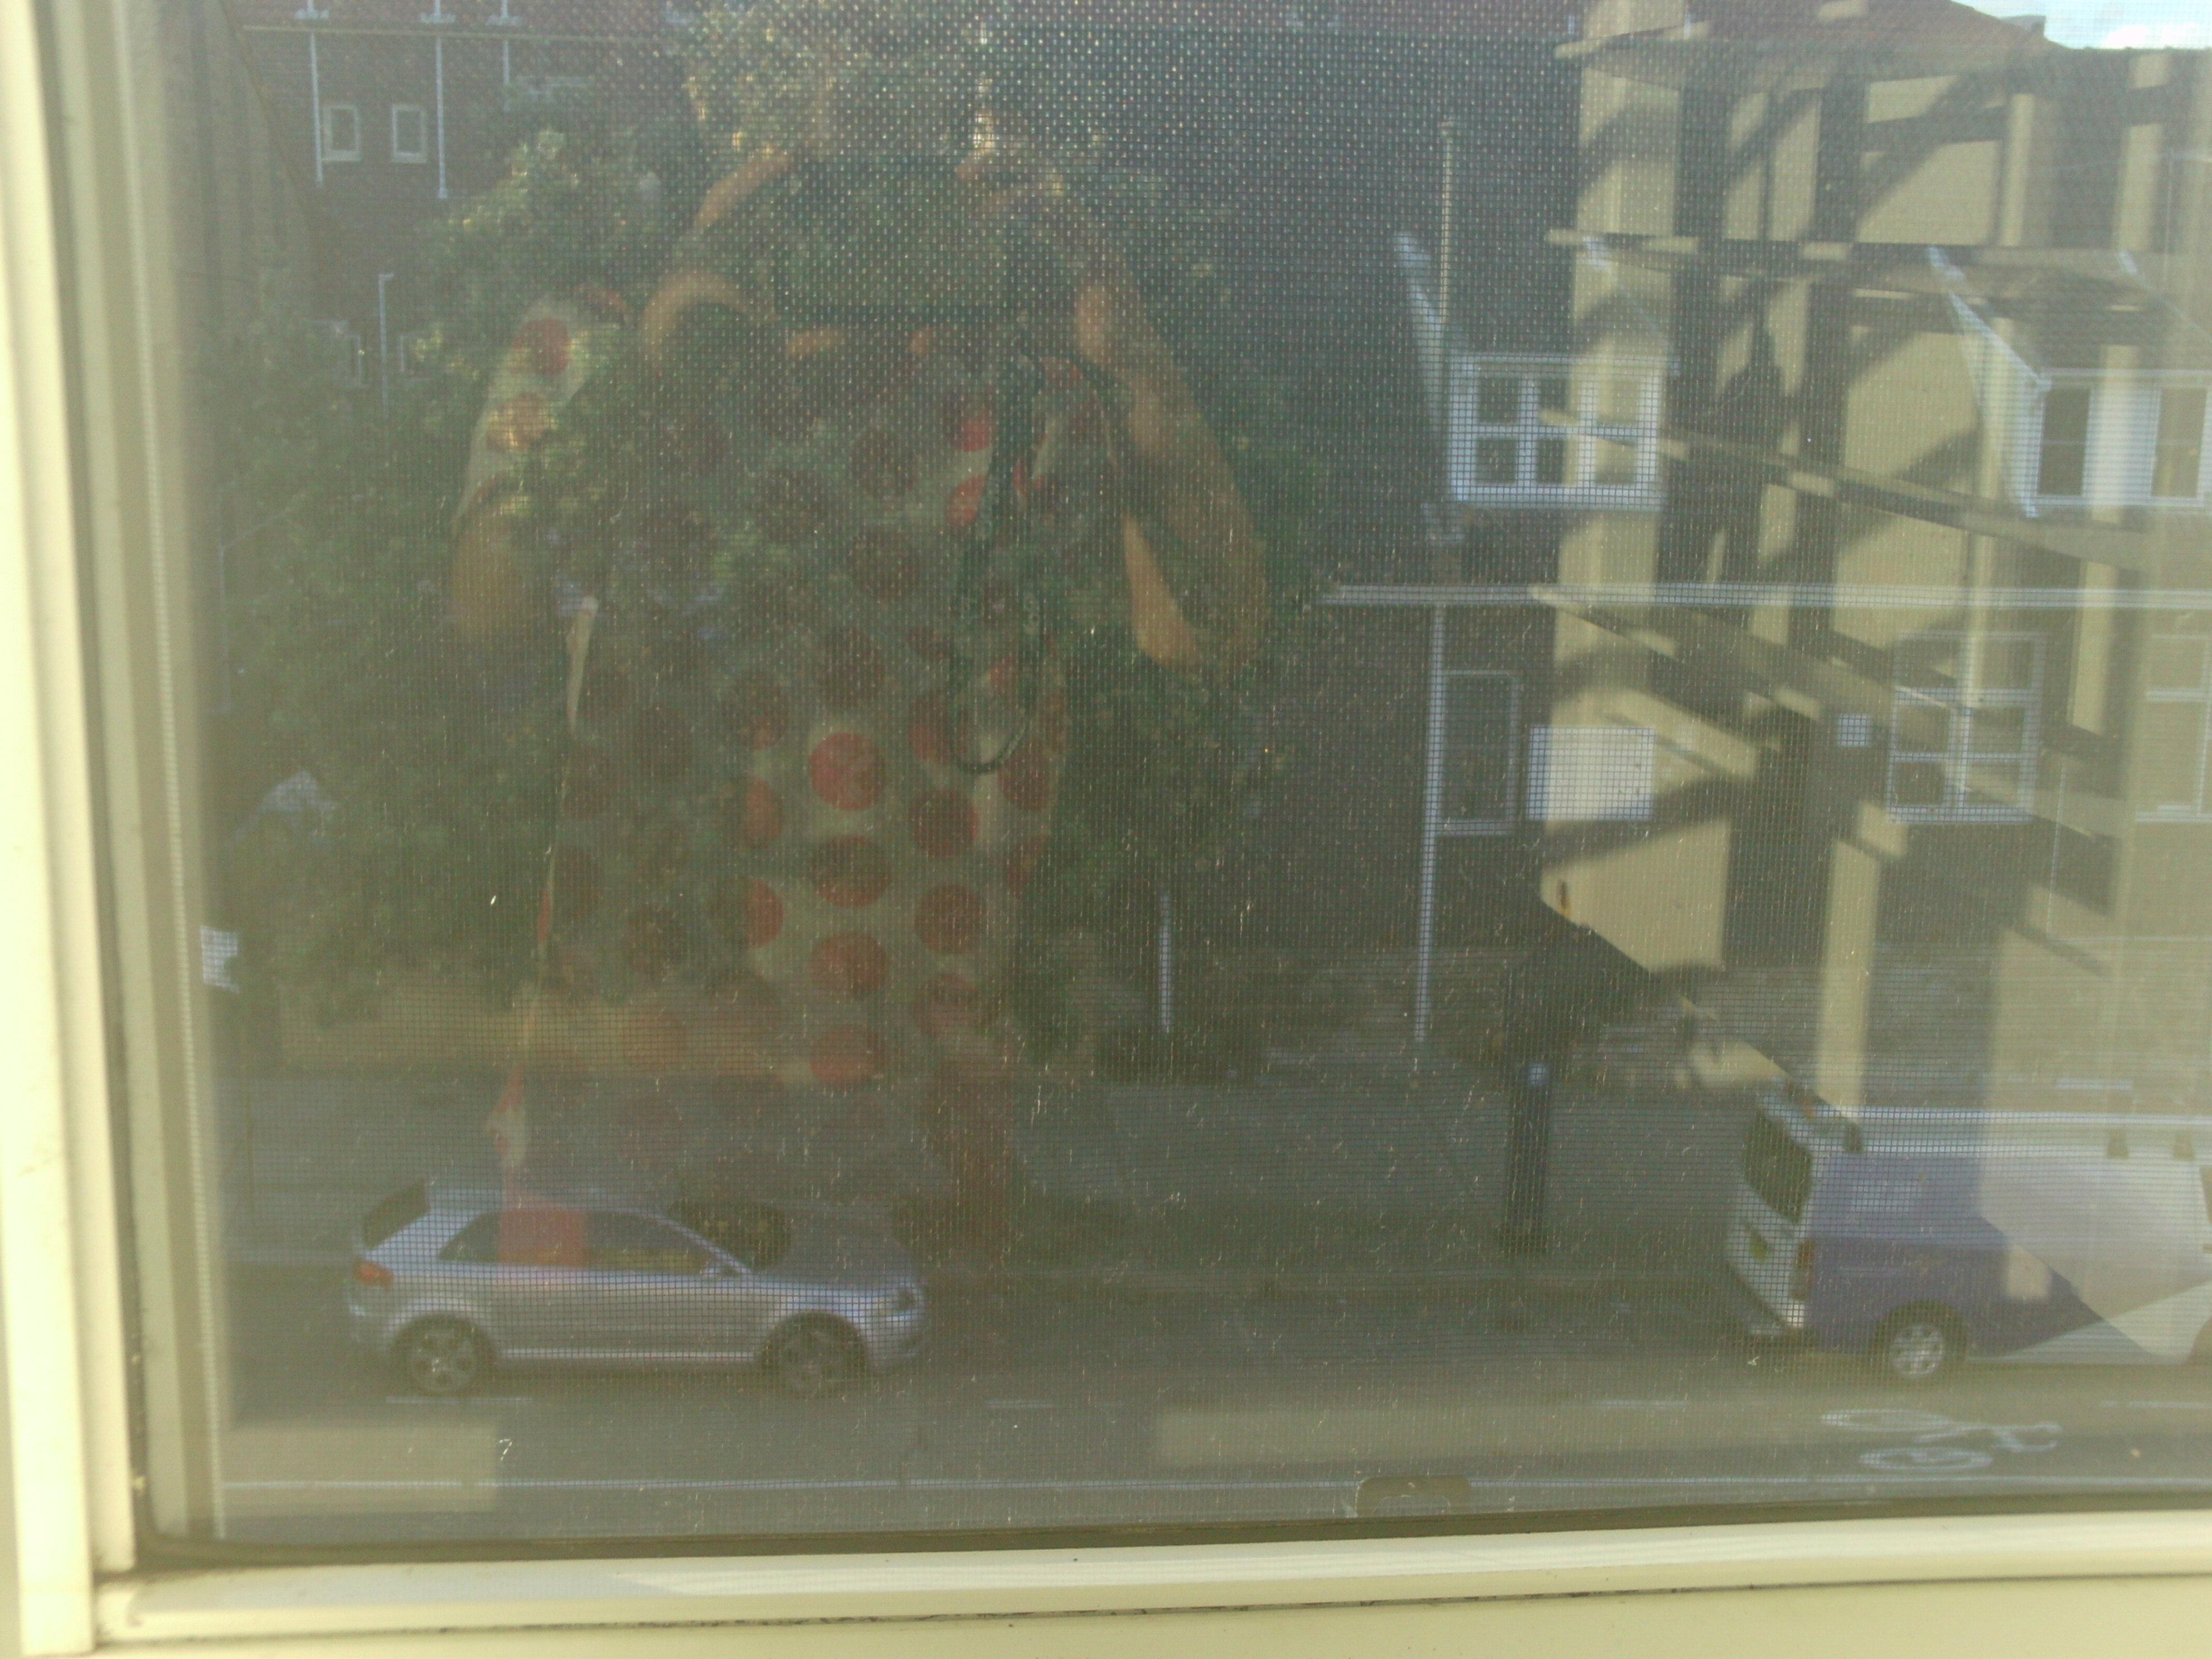 Selbstportrait Fenster im Fenster in Bondi Beach